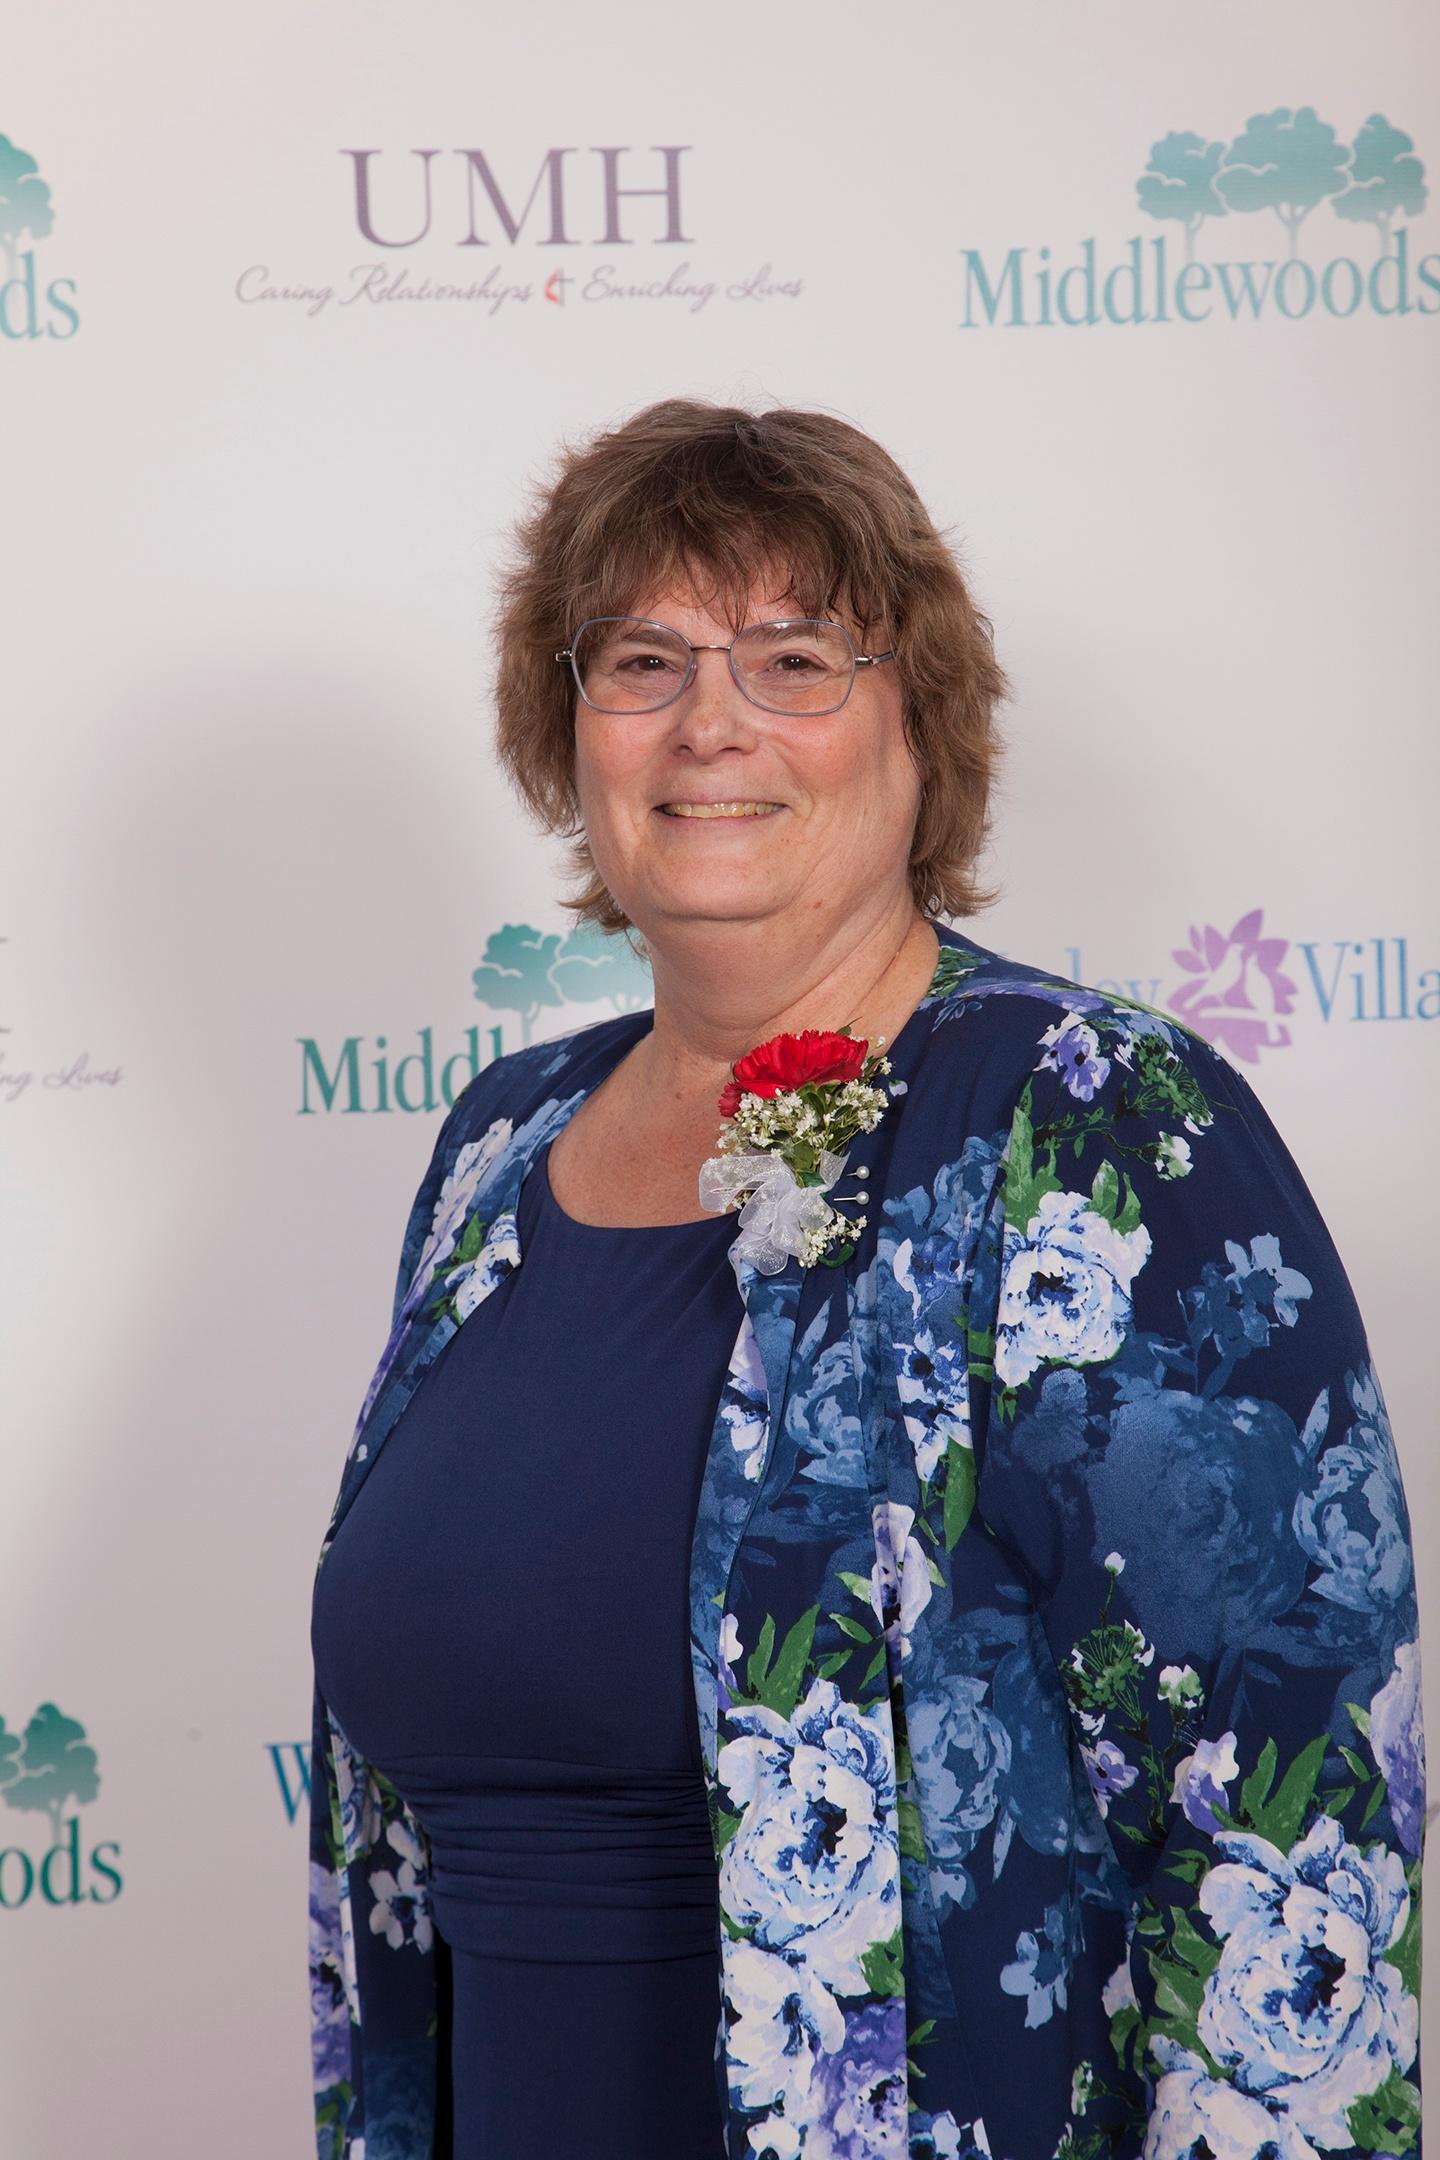 Barbara Moyher, Finance